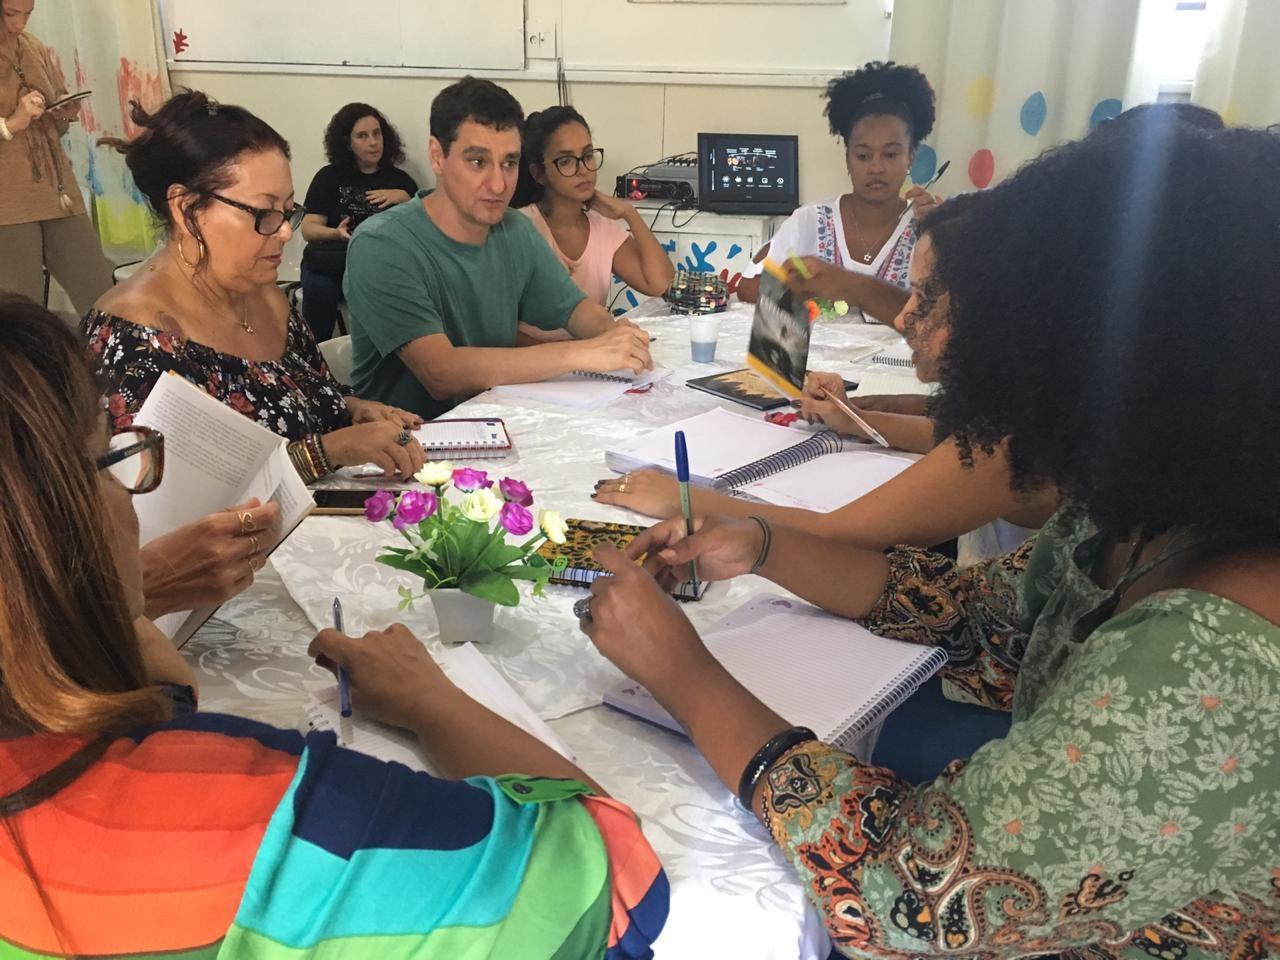 Semana Pedagógica_Escola Experimental_2019_Salvador_Bahia_2